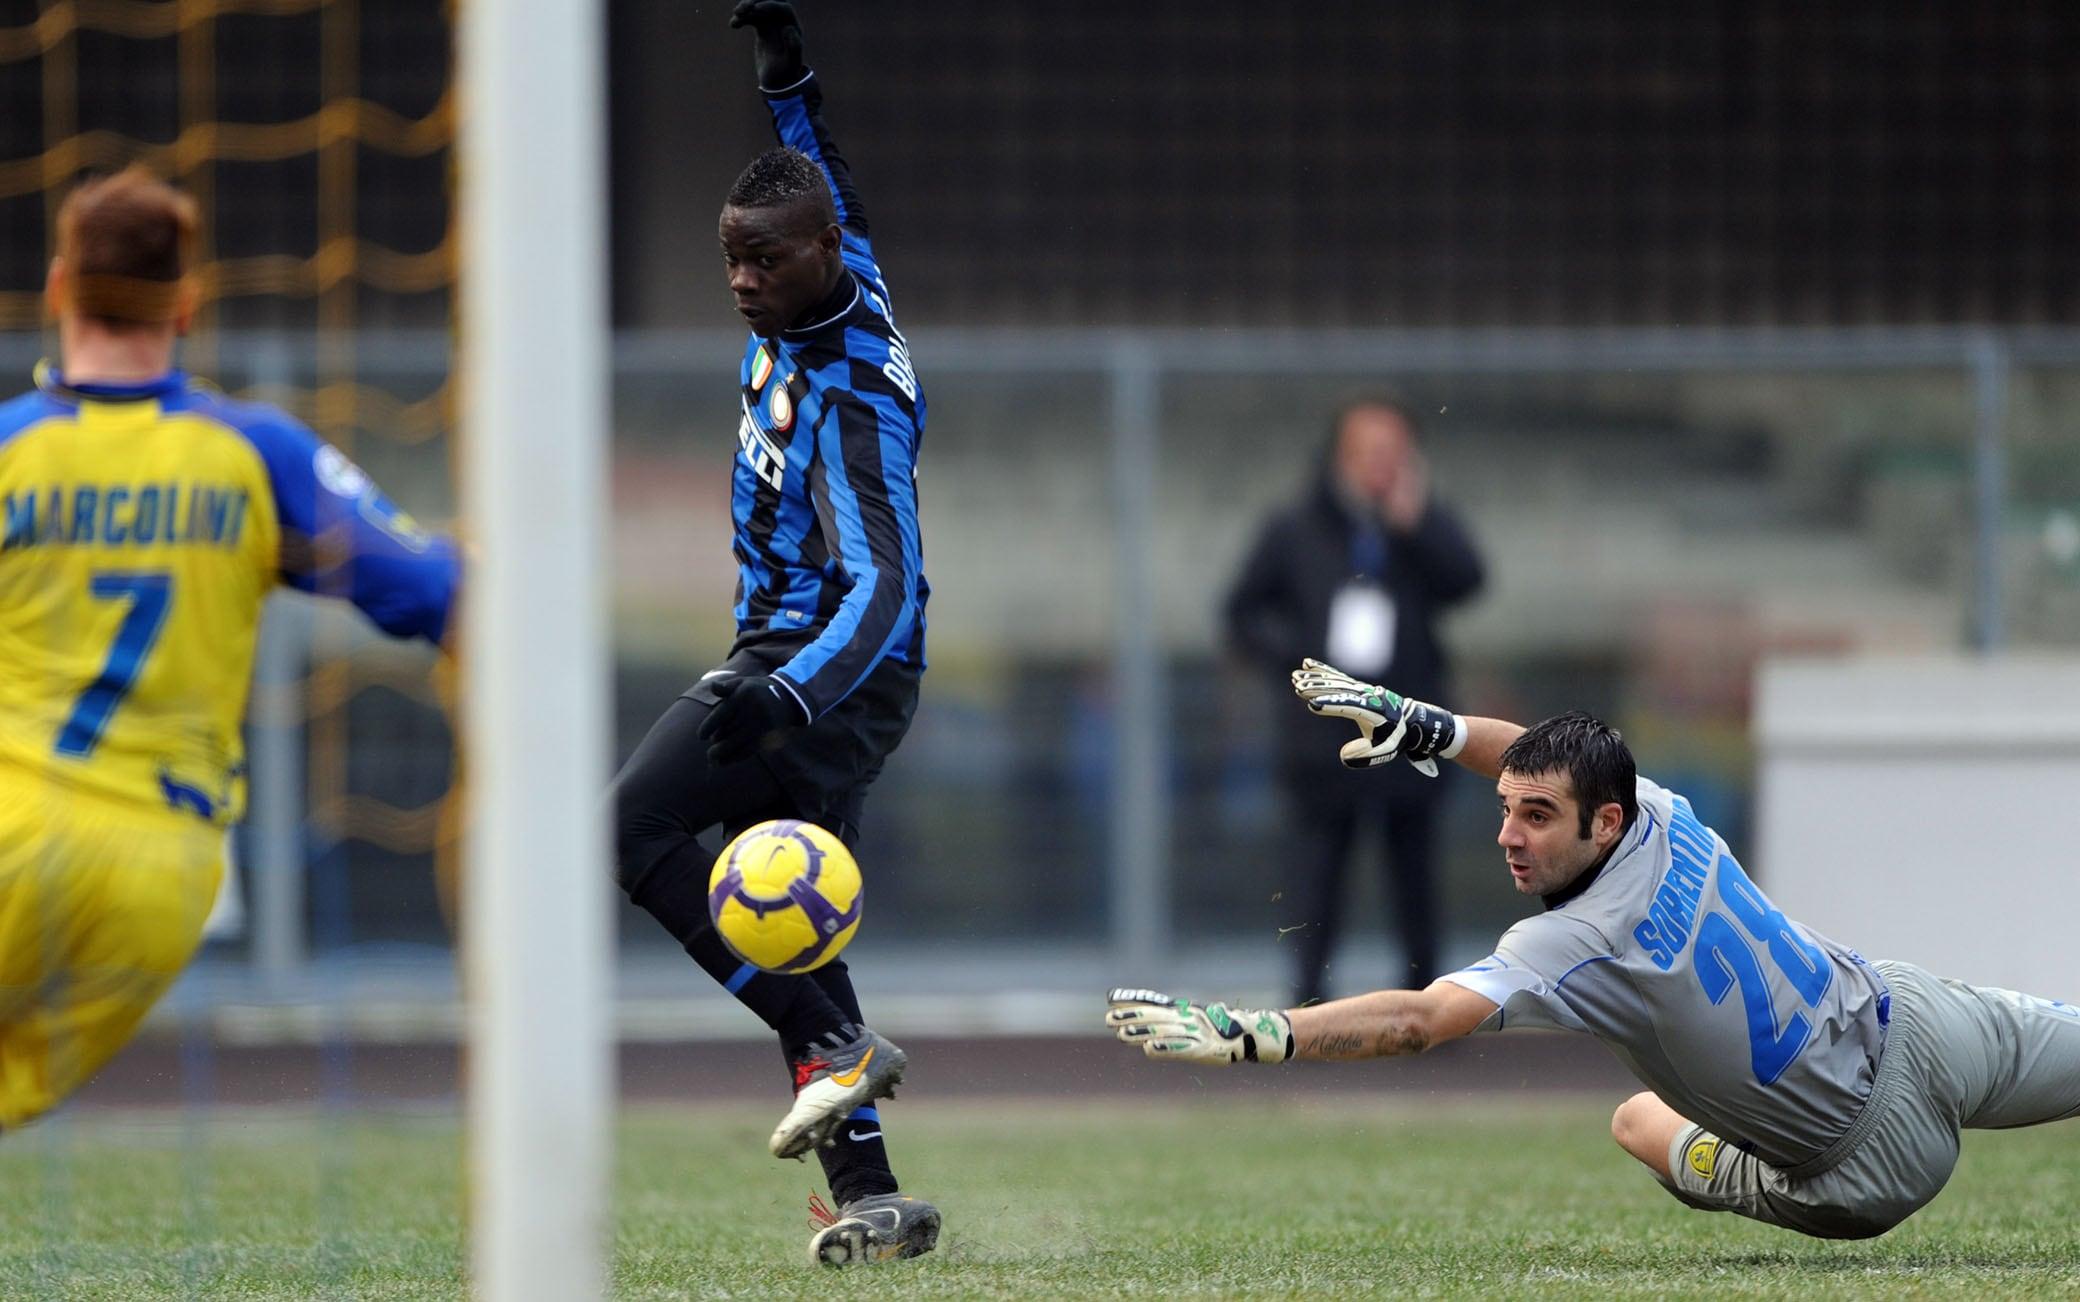 Balotelli apre gli anni Dieci segnando al Chievo il 6 gennaio 2010